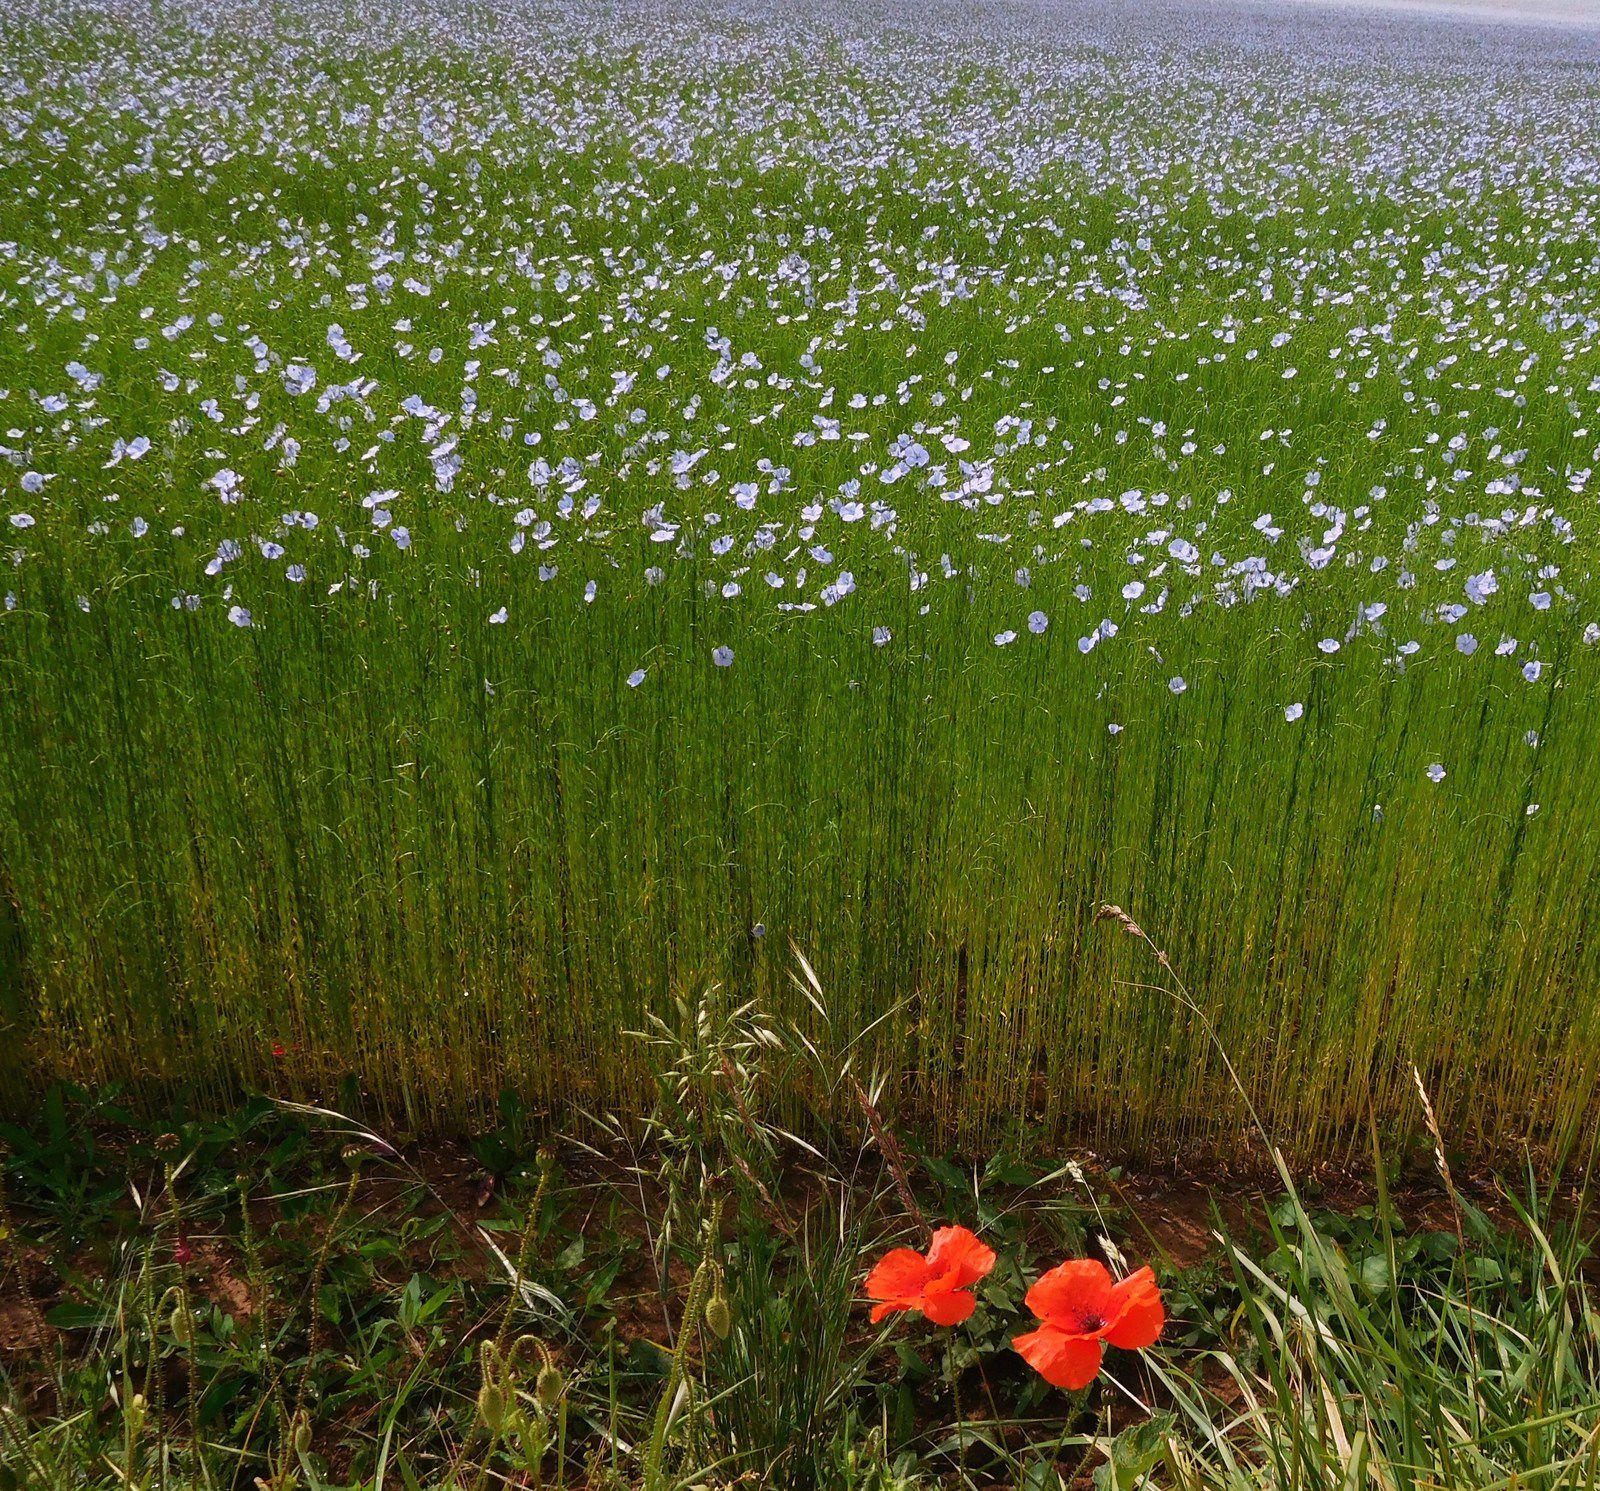 photos 1 à 3 : flora